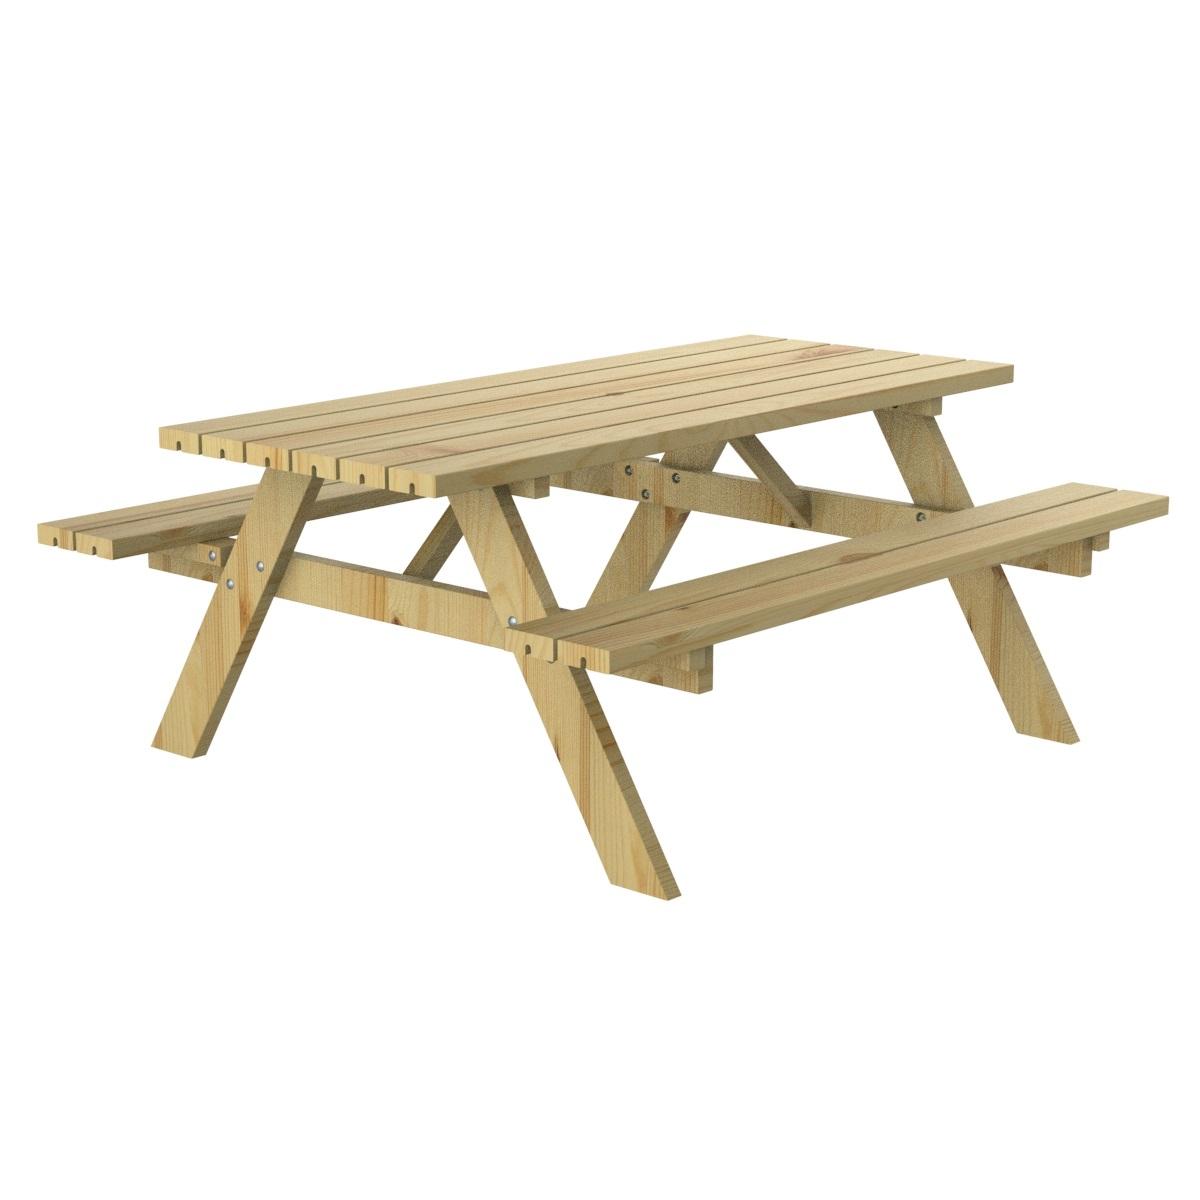 Table Pique-nique Bois de pin Mobilier urbain parcs et jardins